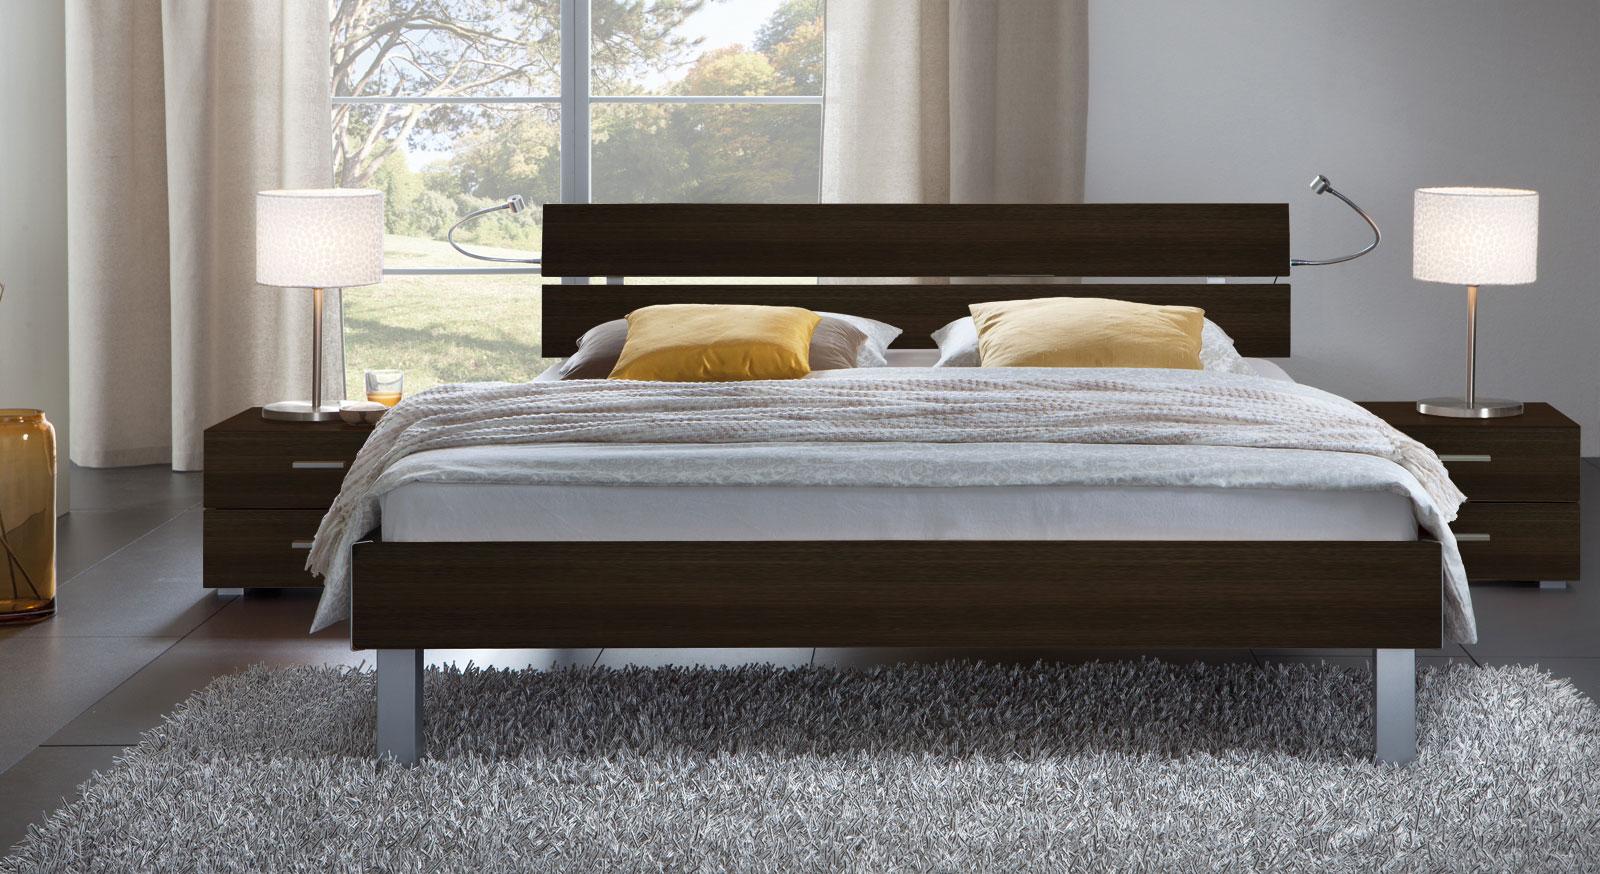 Das Bett Belluno in der Fußhöhe 20cm und aus MDF, ferrara